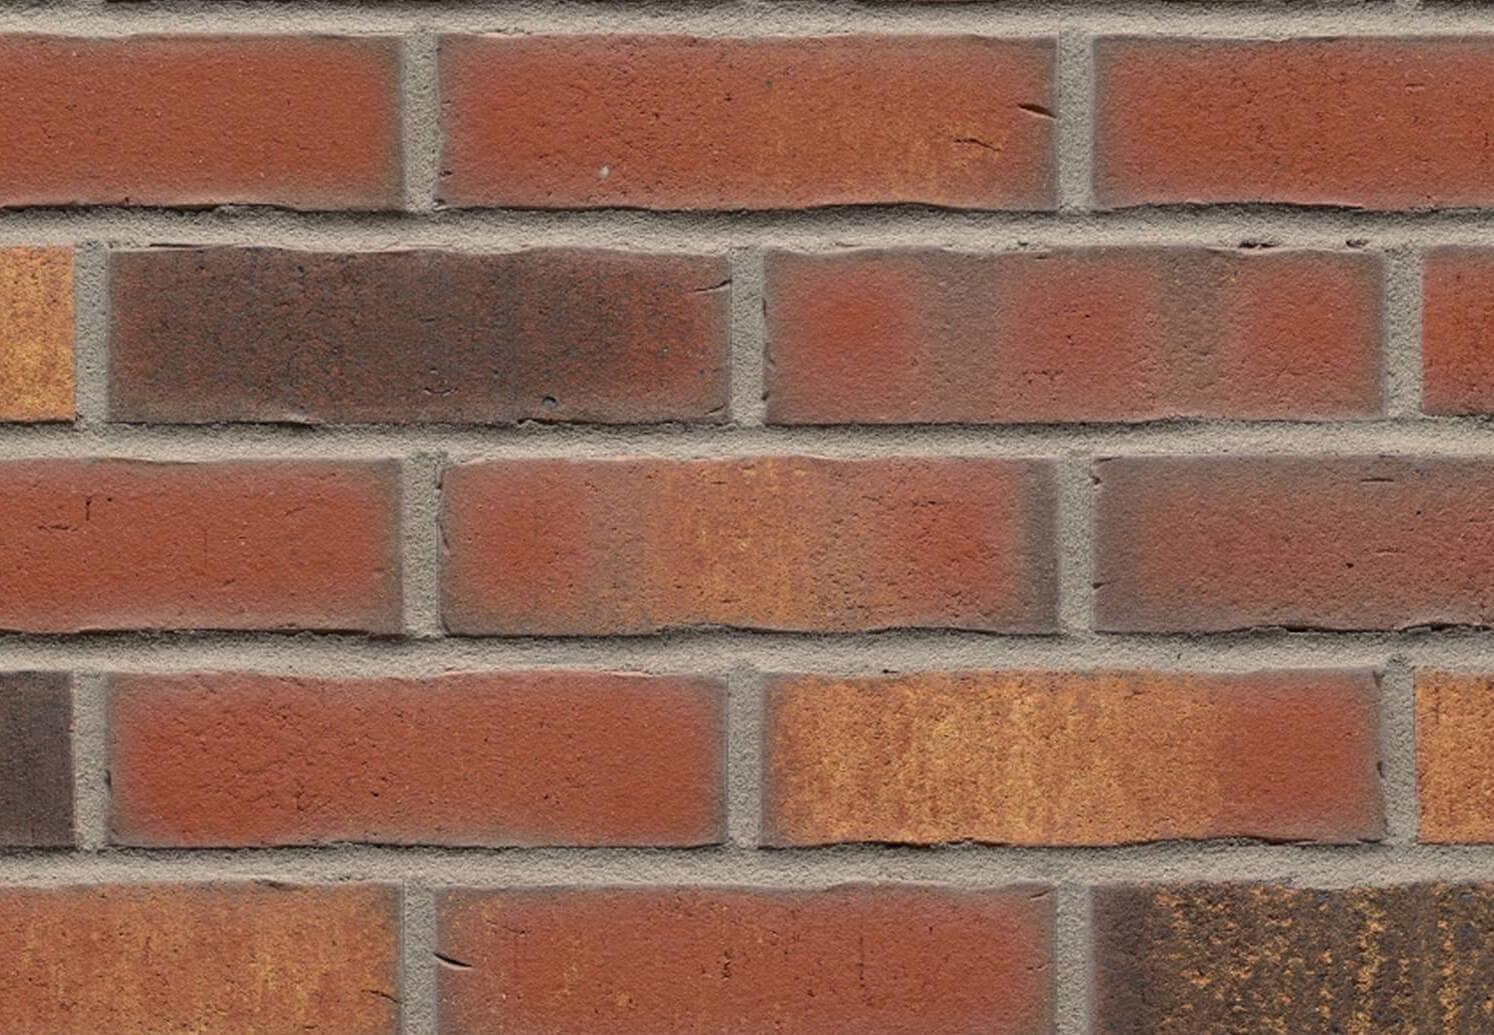 Feldhaus Klinker - R744NF14, Vascu Carmesi Legoro, 240x14x71 - Клинкерная плитка для фасада и внутренней отделки